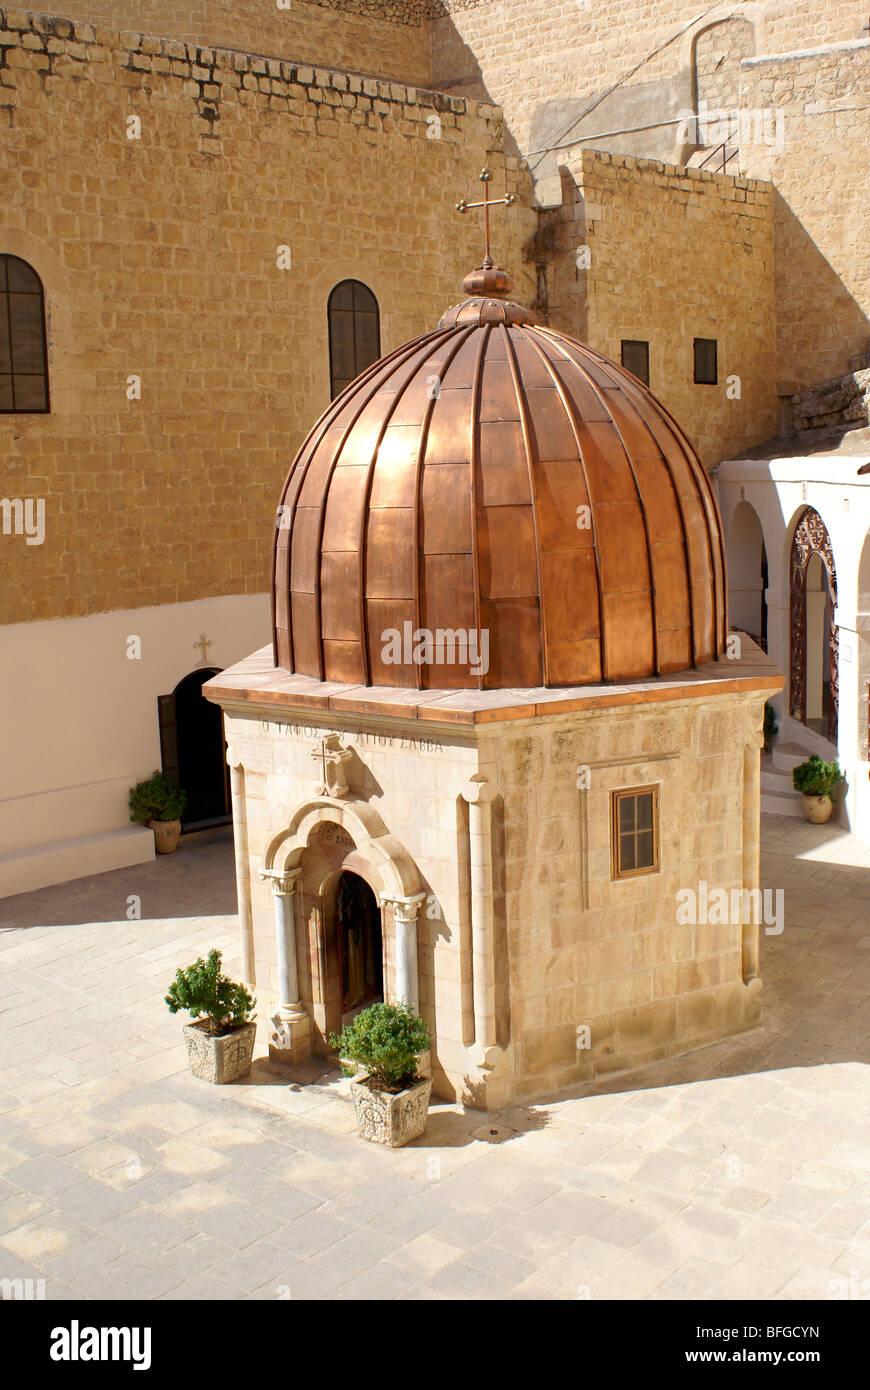 Greek Orthodox Monastery of Mar Saba (St. Sabas) in Judean Desert, Israel - Stock Image